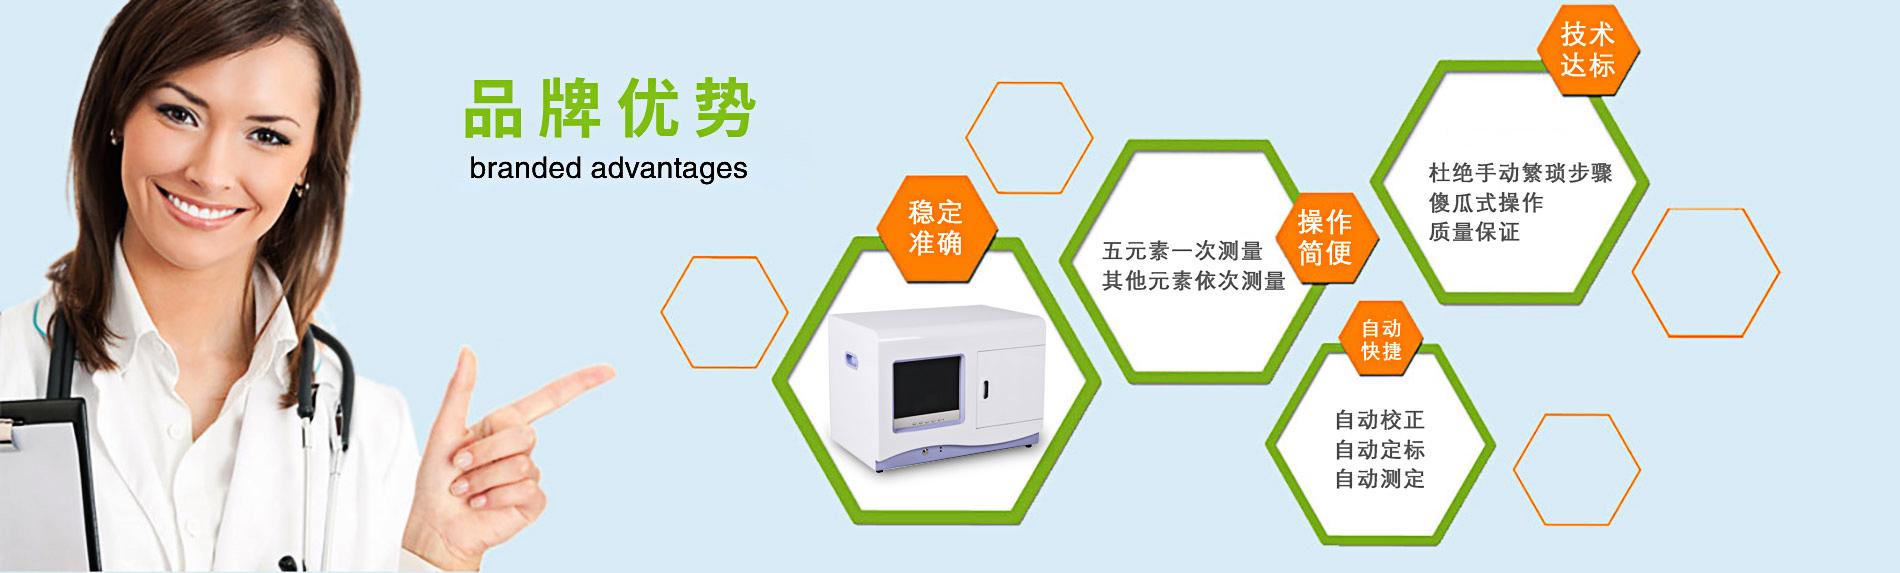 微量元素检测仪品牌优势